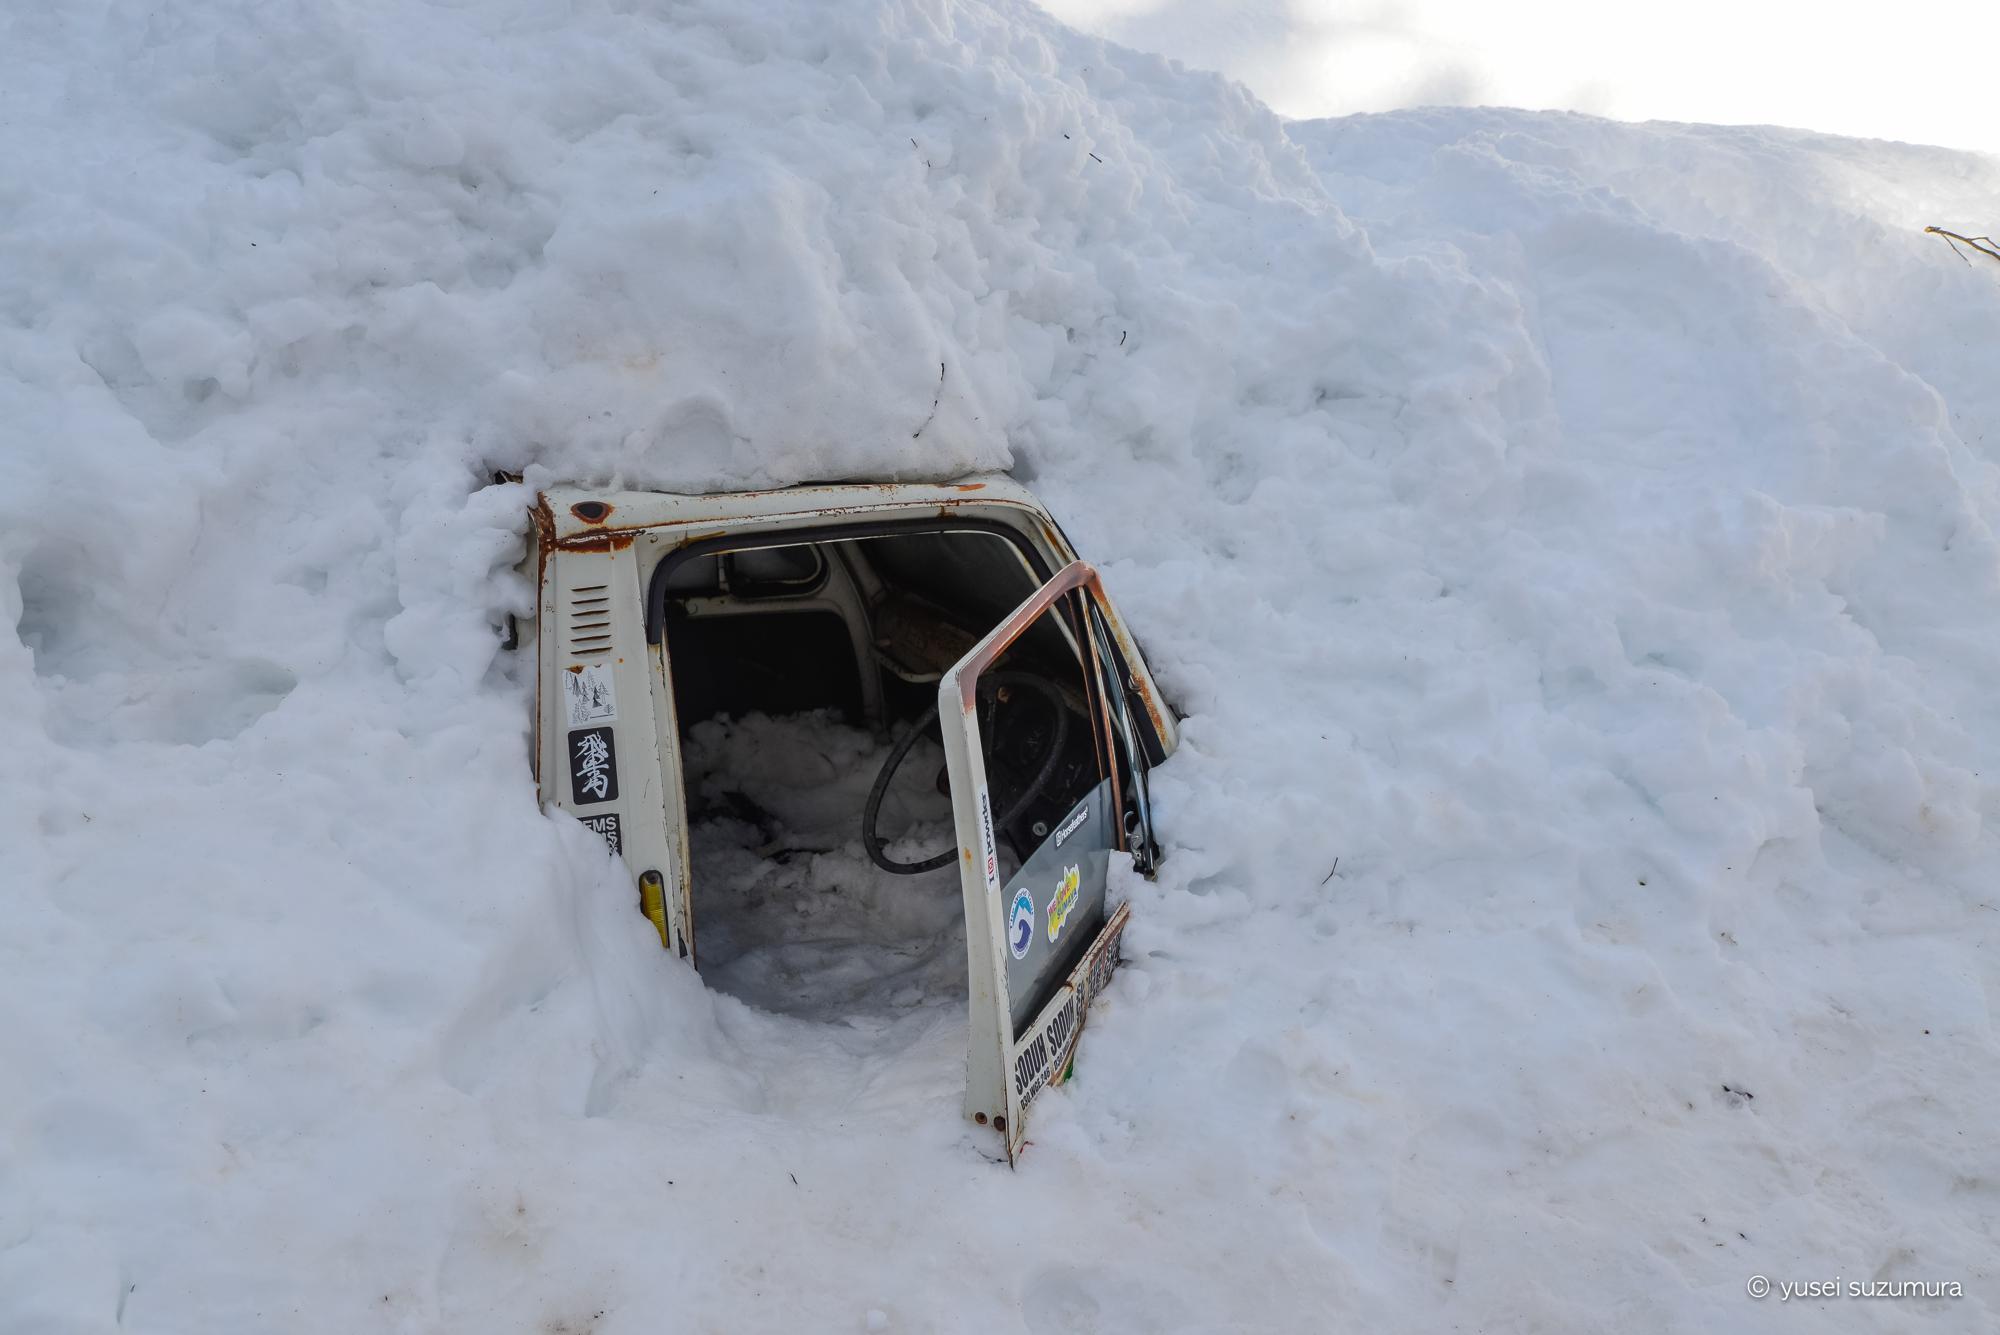 トラック 雪に埋もれている